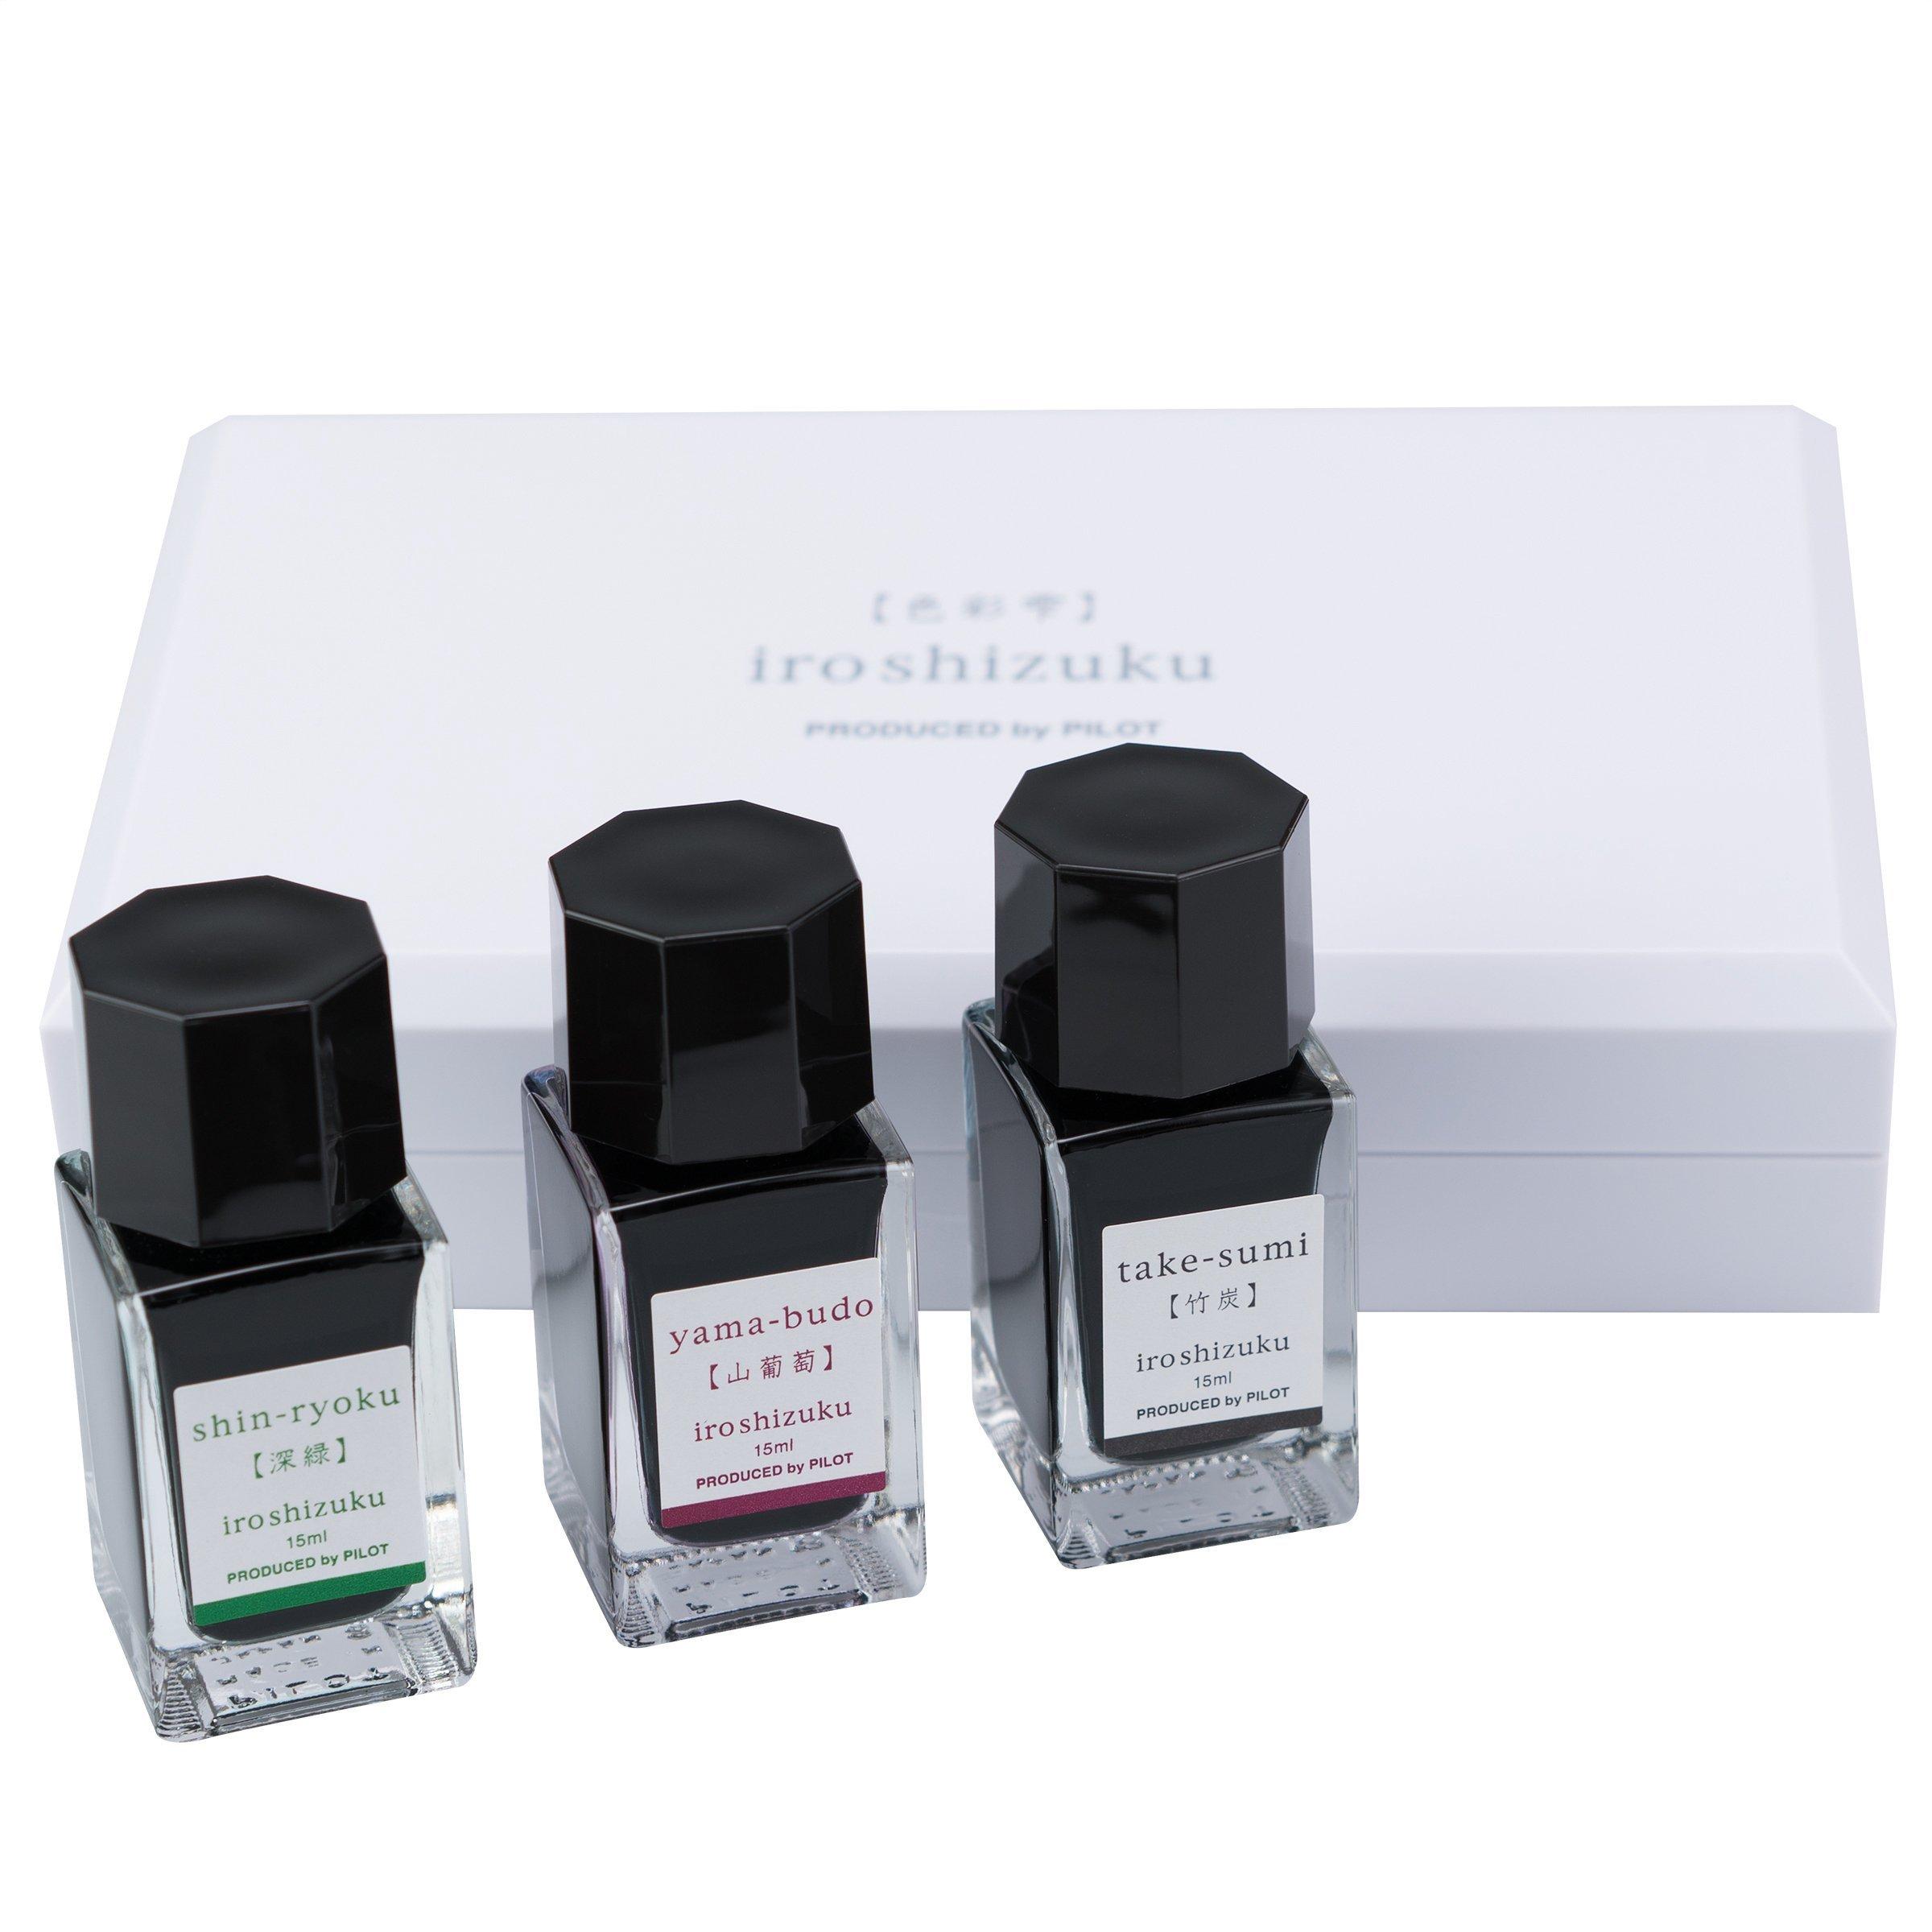 Pilot Iroshizuku Fountain Pen Ink 3 Mini Bottle Fall Set, 15 mL Each, Shin-ryoku, Yama-budo, Take-sumi (69230) by Pilot